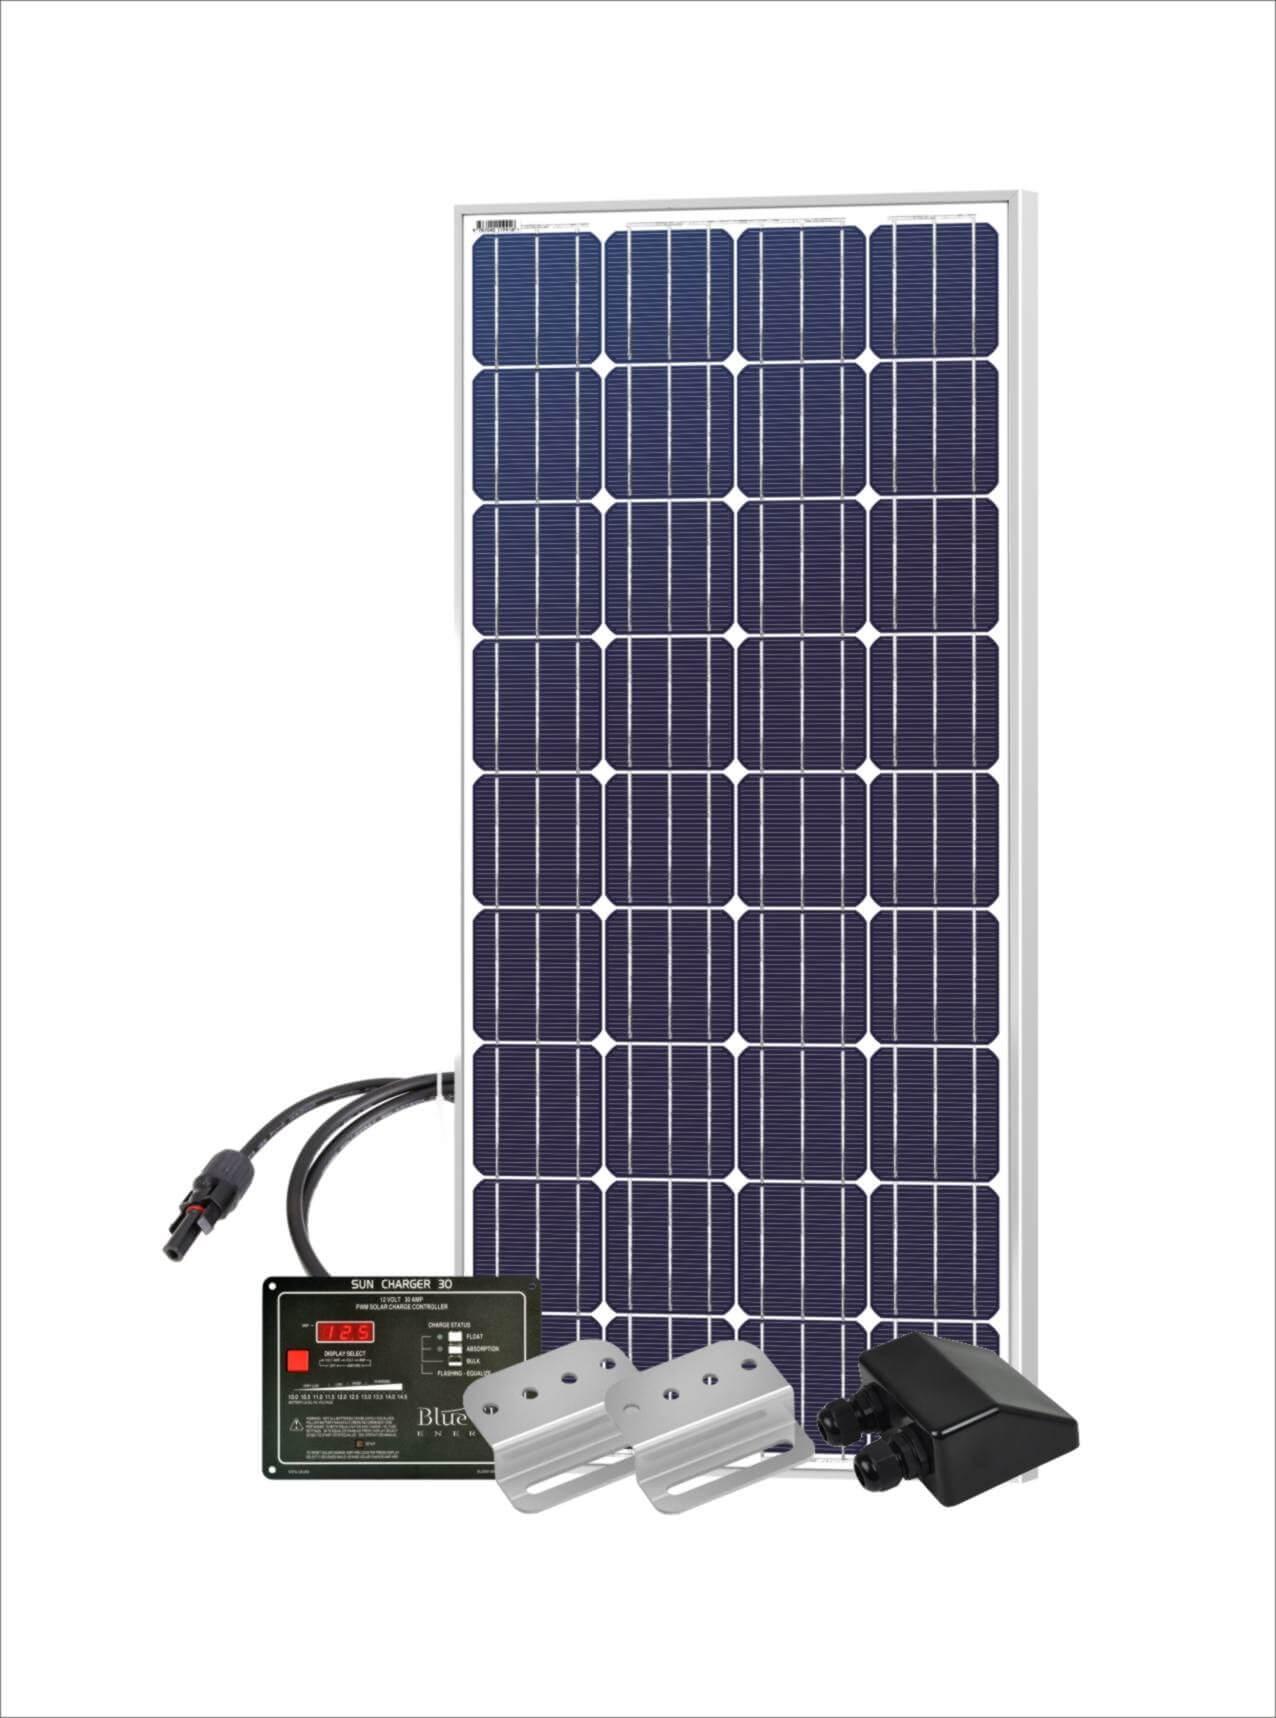 150 Watt 12 Volt Dc Rv Solar Panel Starter Kit Global